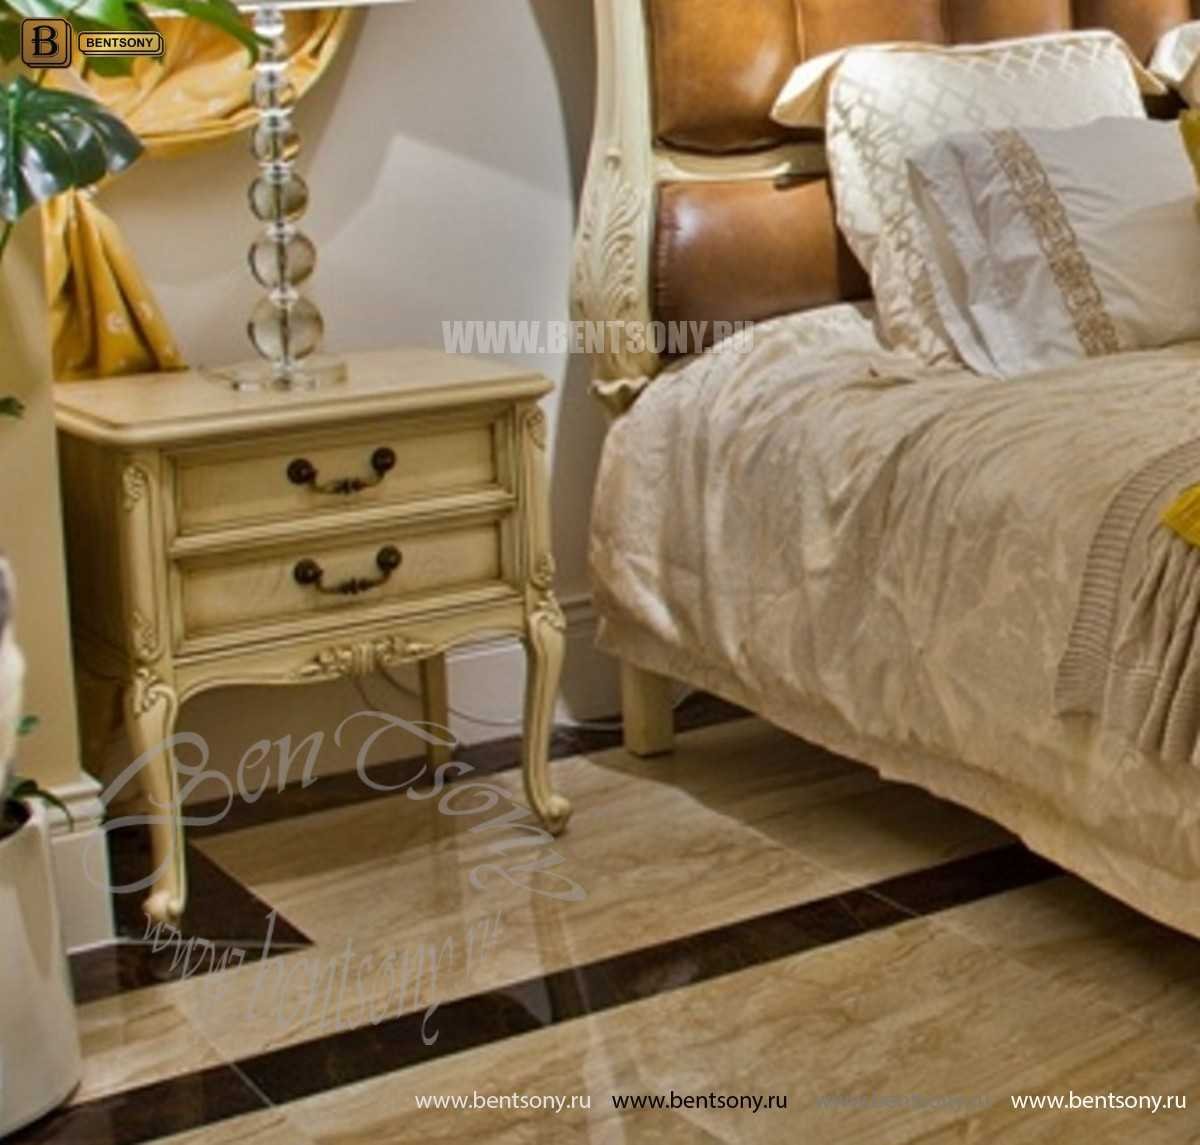 Спальня Феникс С (Классика, Ткань) распродажа